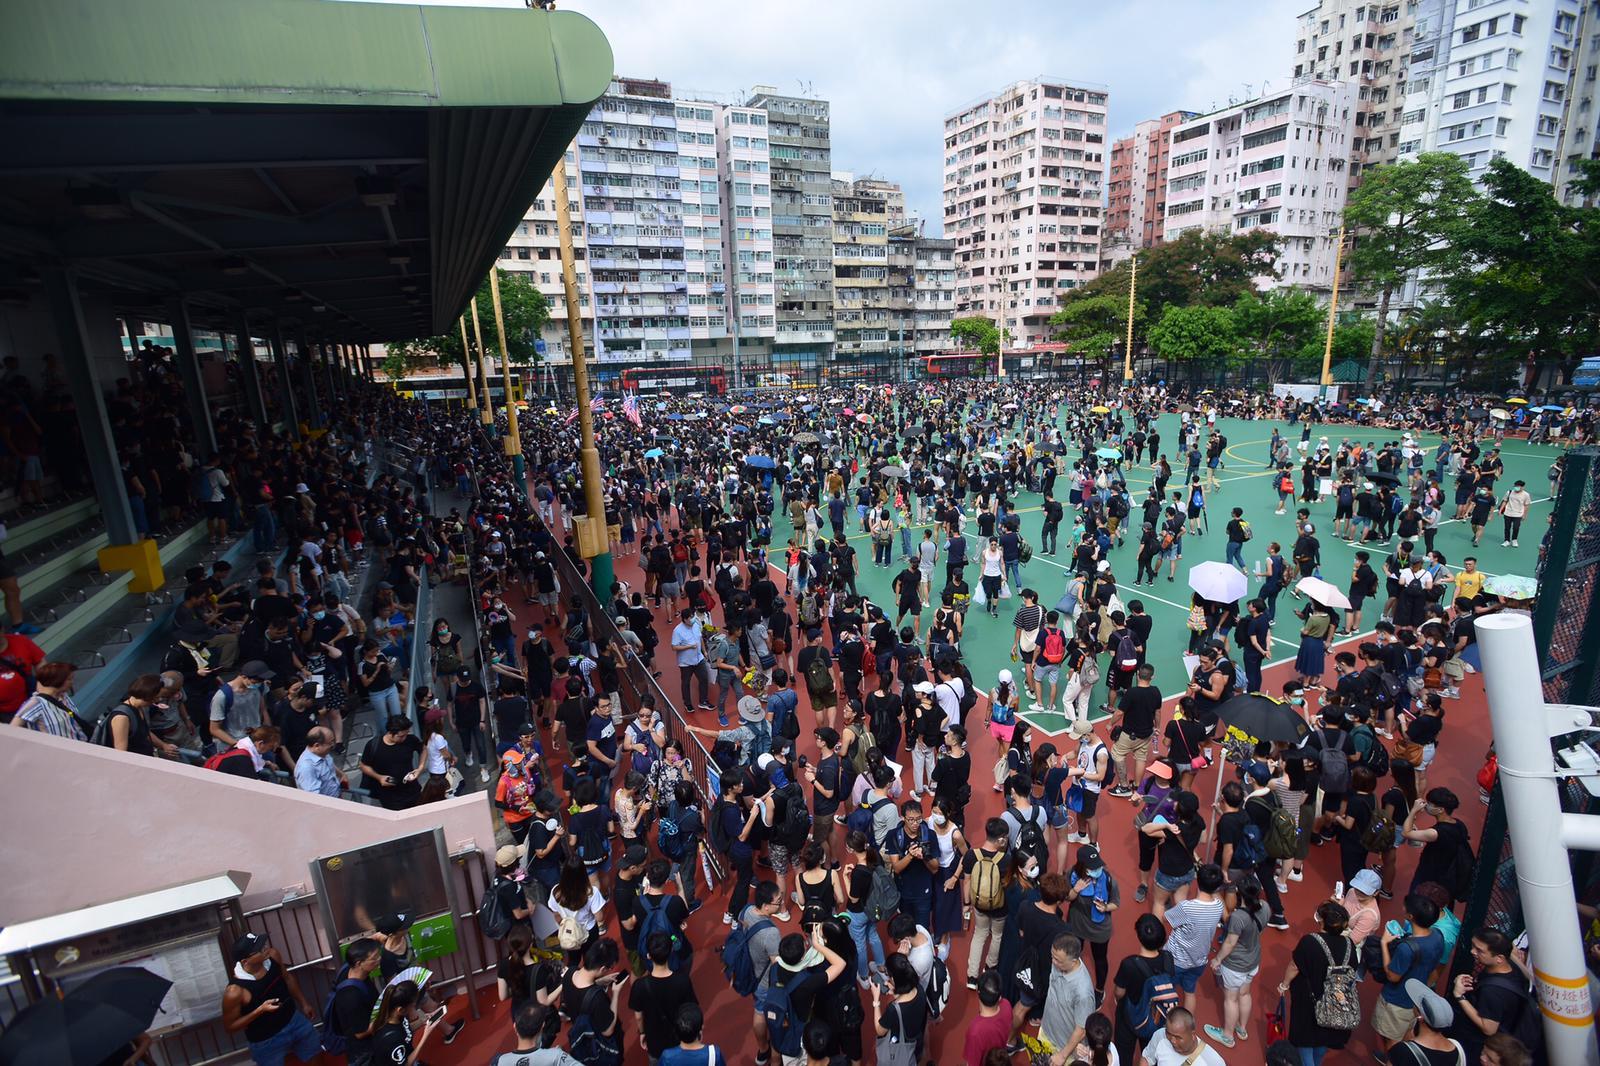 黑衣群眾楓樹街球場起步。